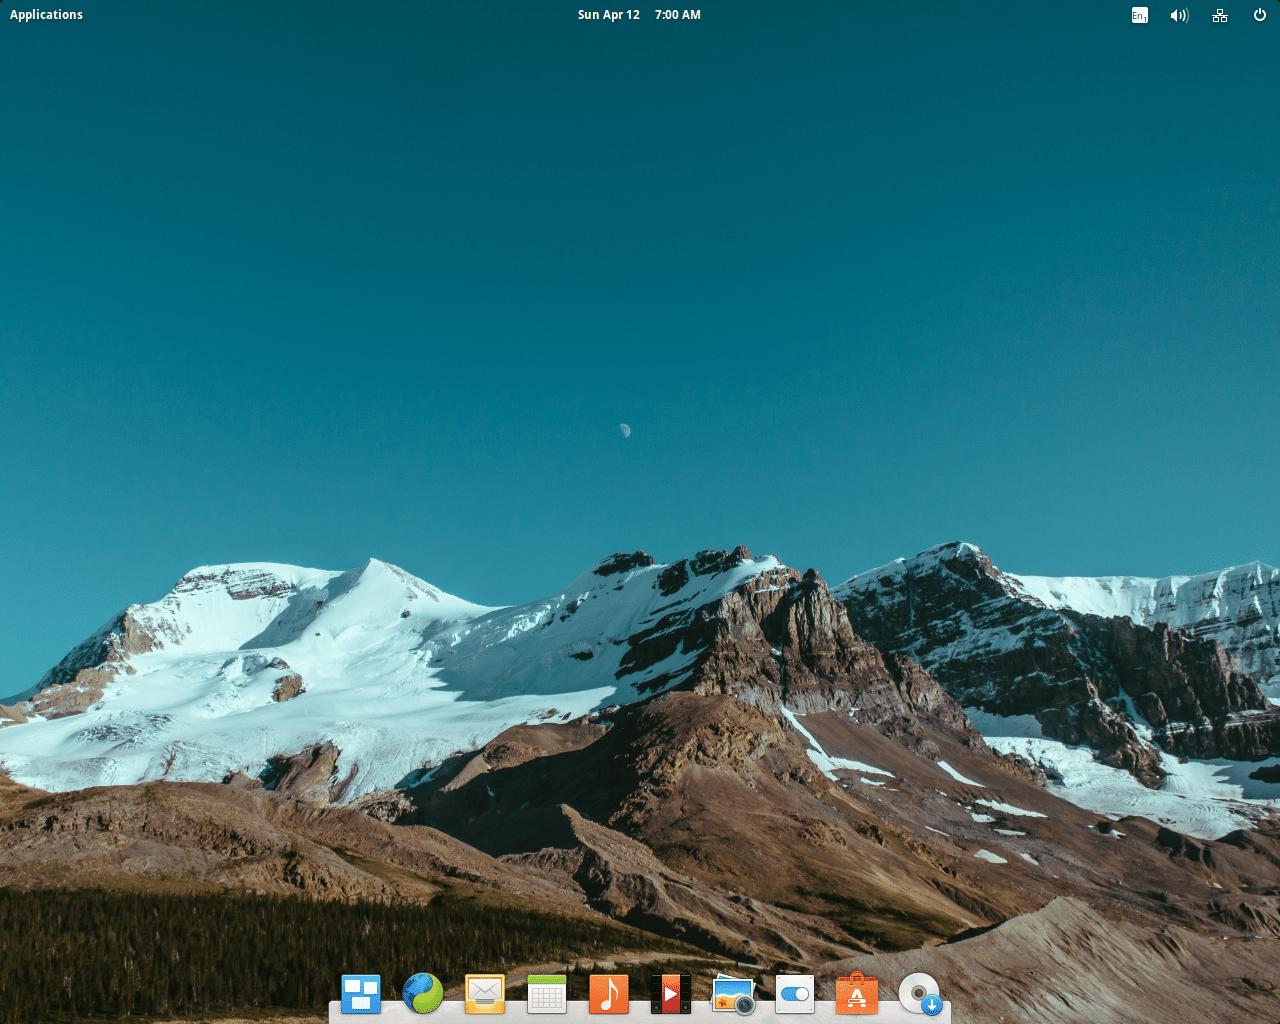 Robolinux, Elementary, Linux Lite, pfSense e outras lançam atualizações